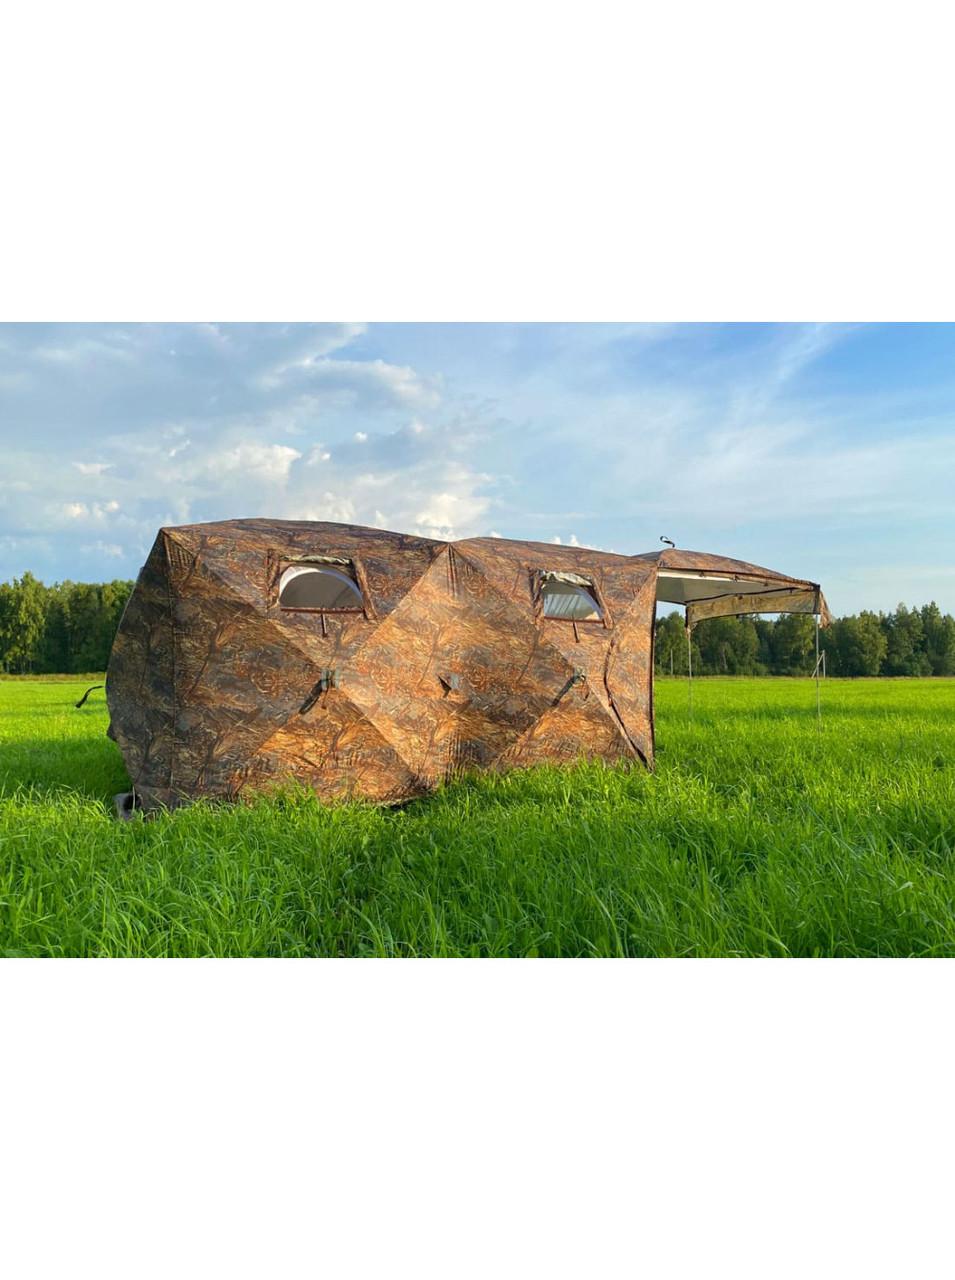 Палатка всесезонная Берег Кубоид 3.60 двухслойная, непромокаемый пол из ПВХ размер 3,6 x 1,8 x 1,9 м - фото 10